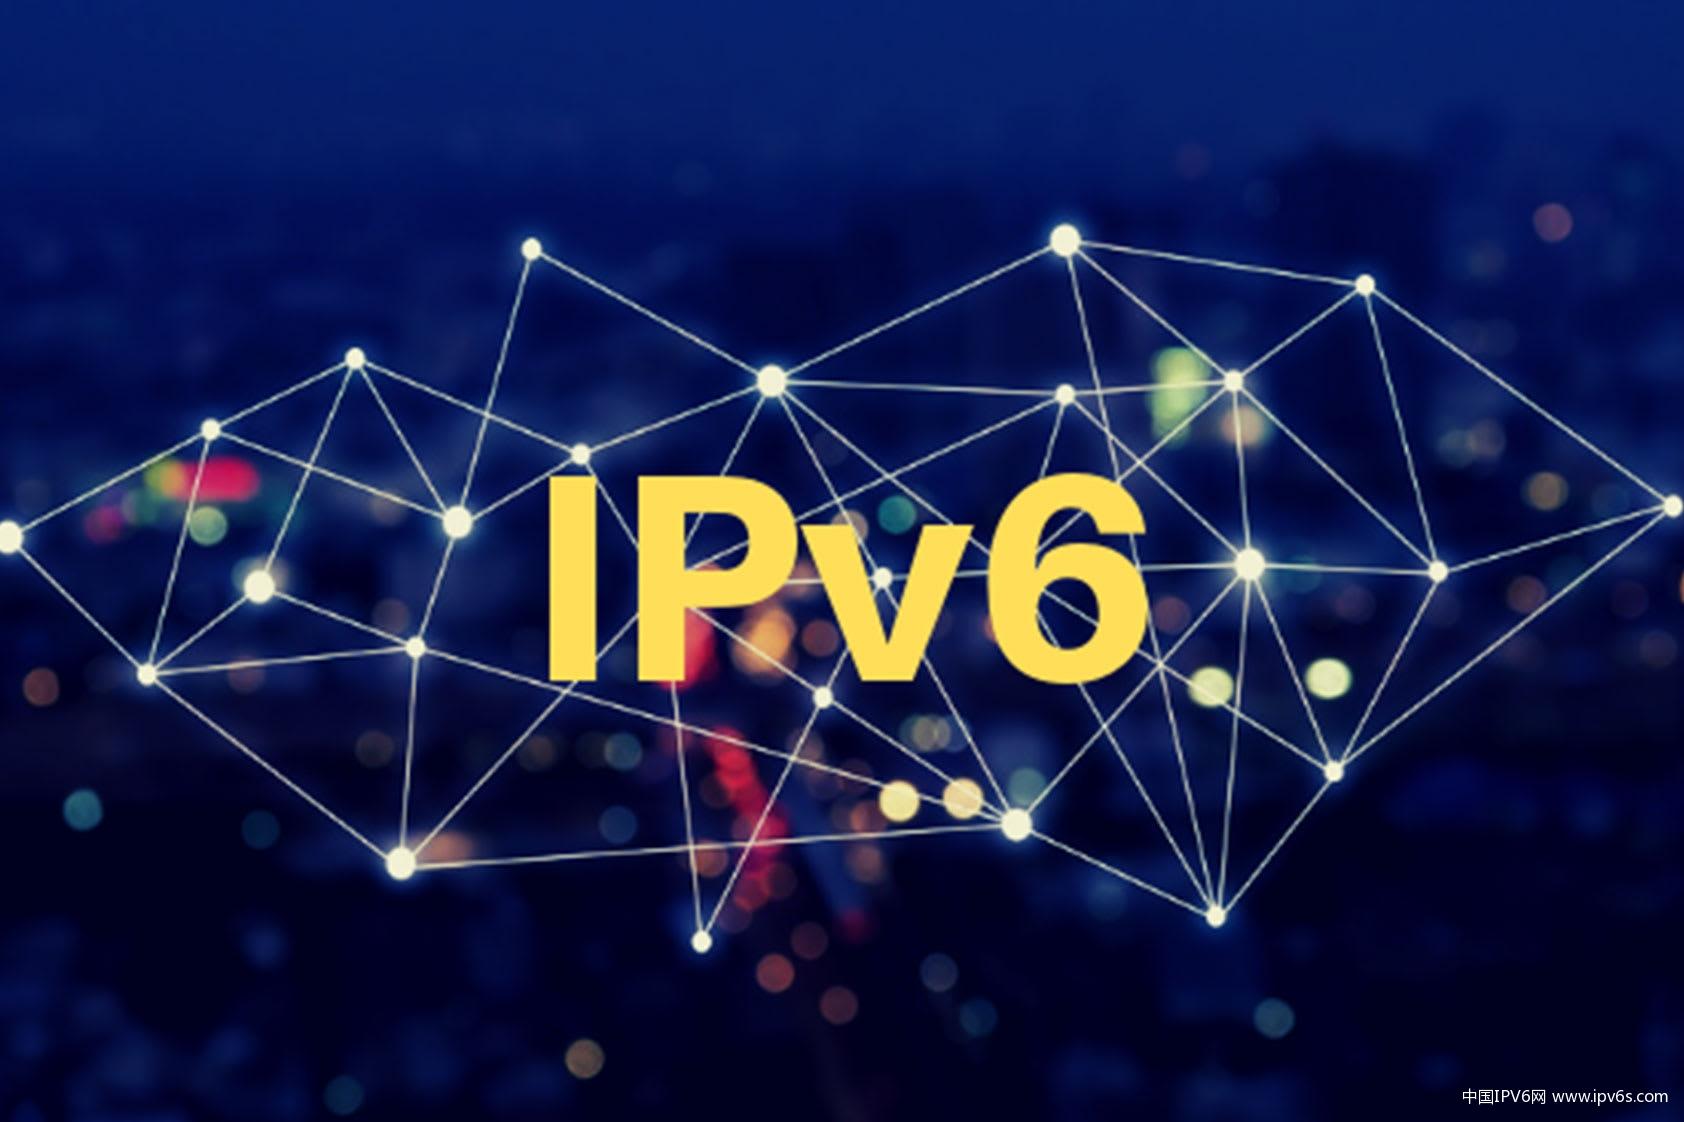 越南媒体Kinhtedothi:超过 3400 万越南人使用、访问 IPv6 互联网